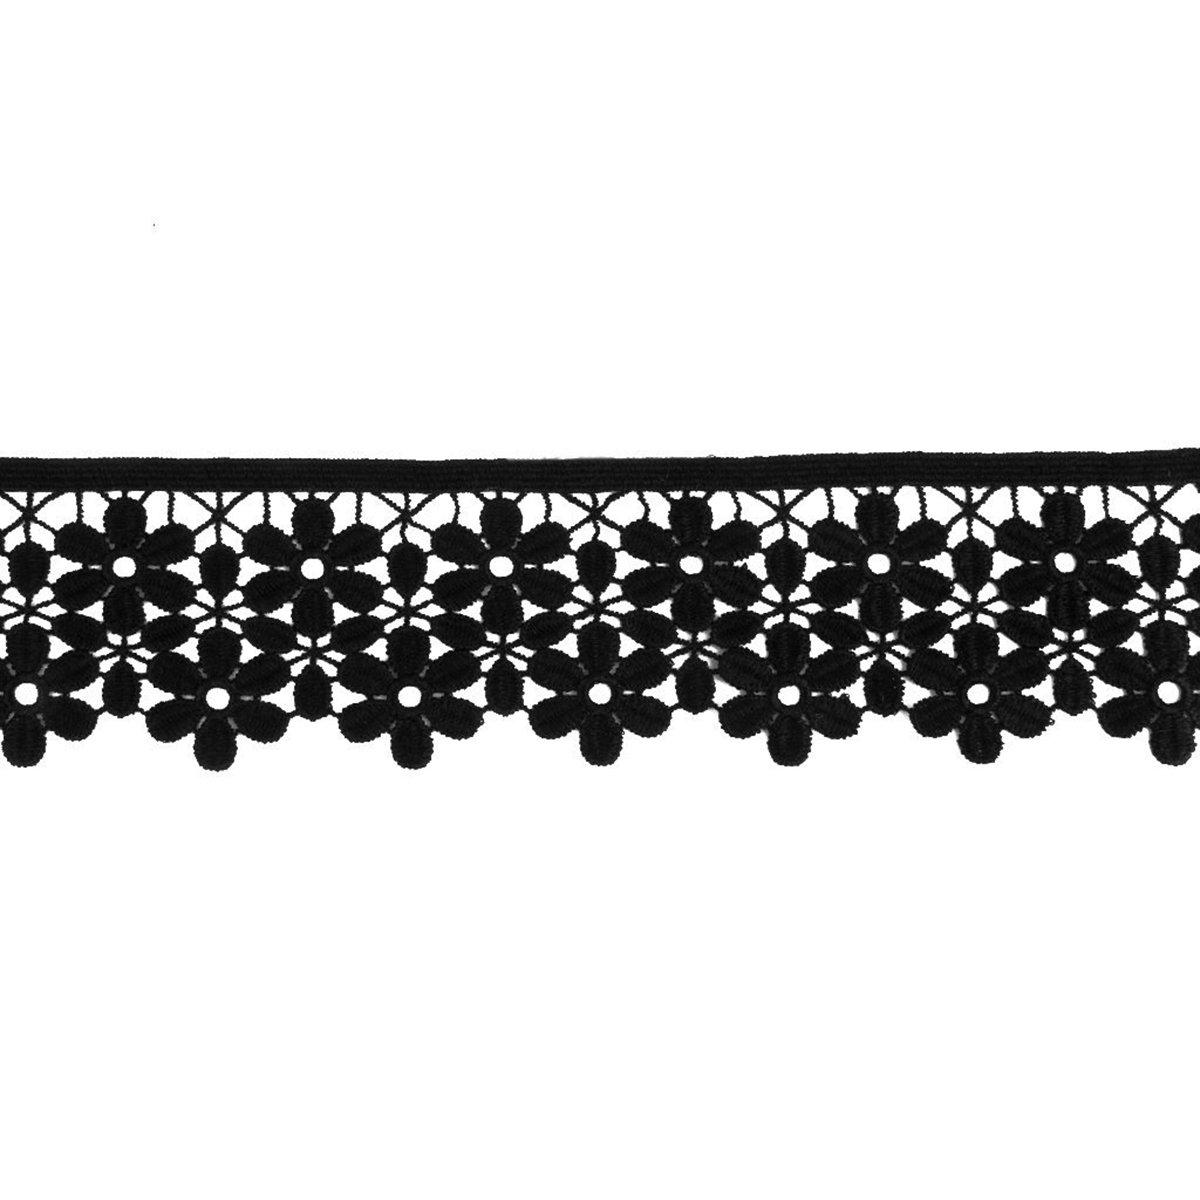 bianco Rosenice fiore ricamato da 8 cm 2,7 m con pizzo bordo per cucito artigianale